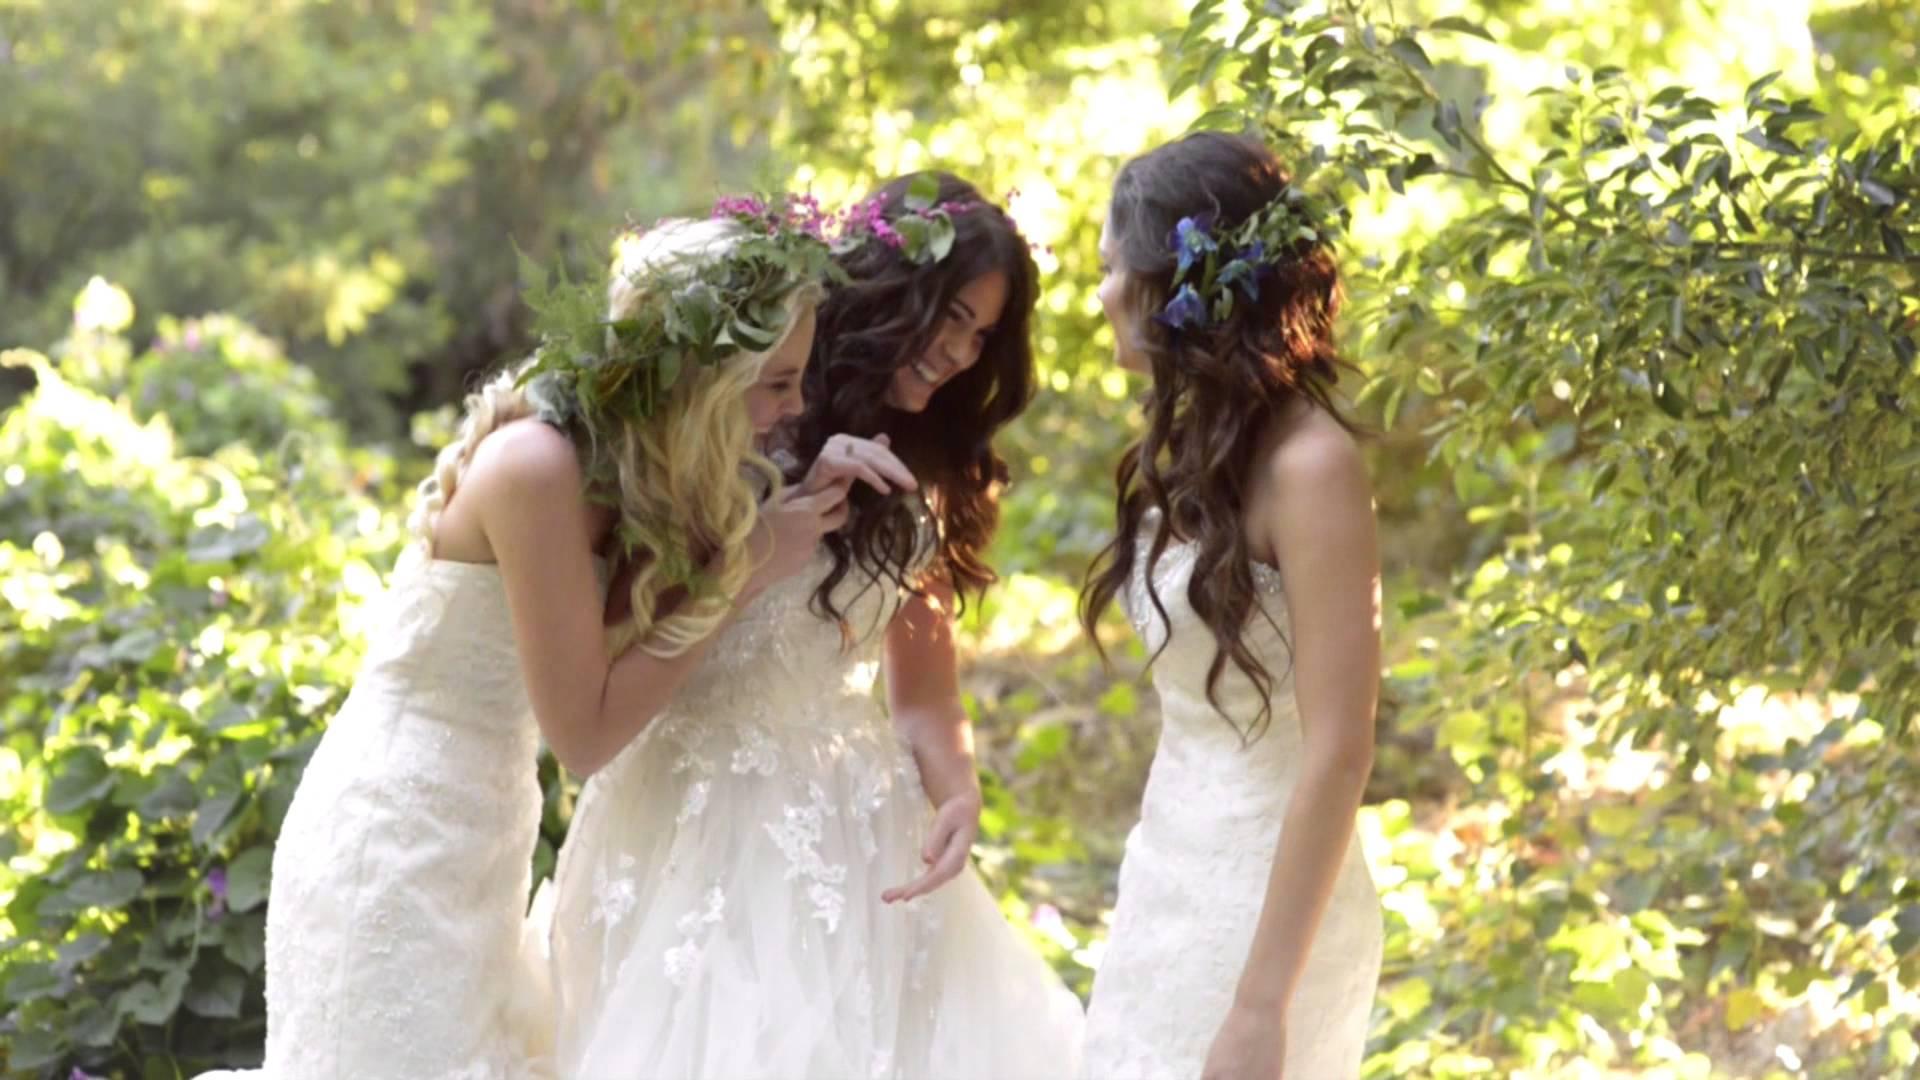 enchanted wedding dresses photo - 1